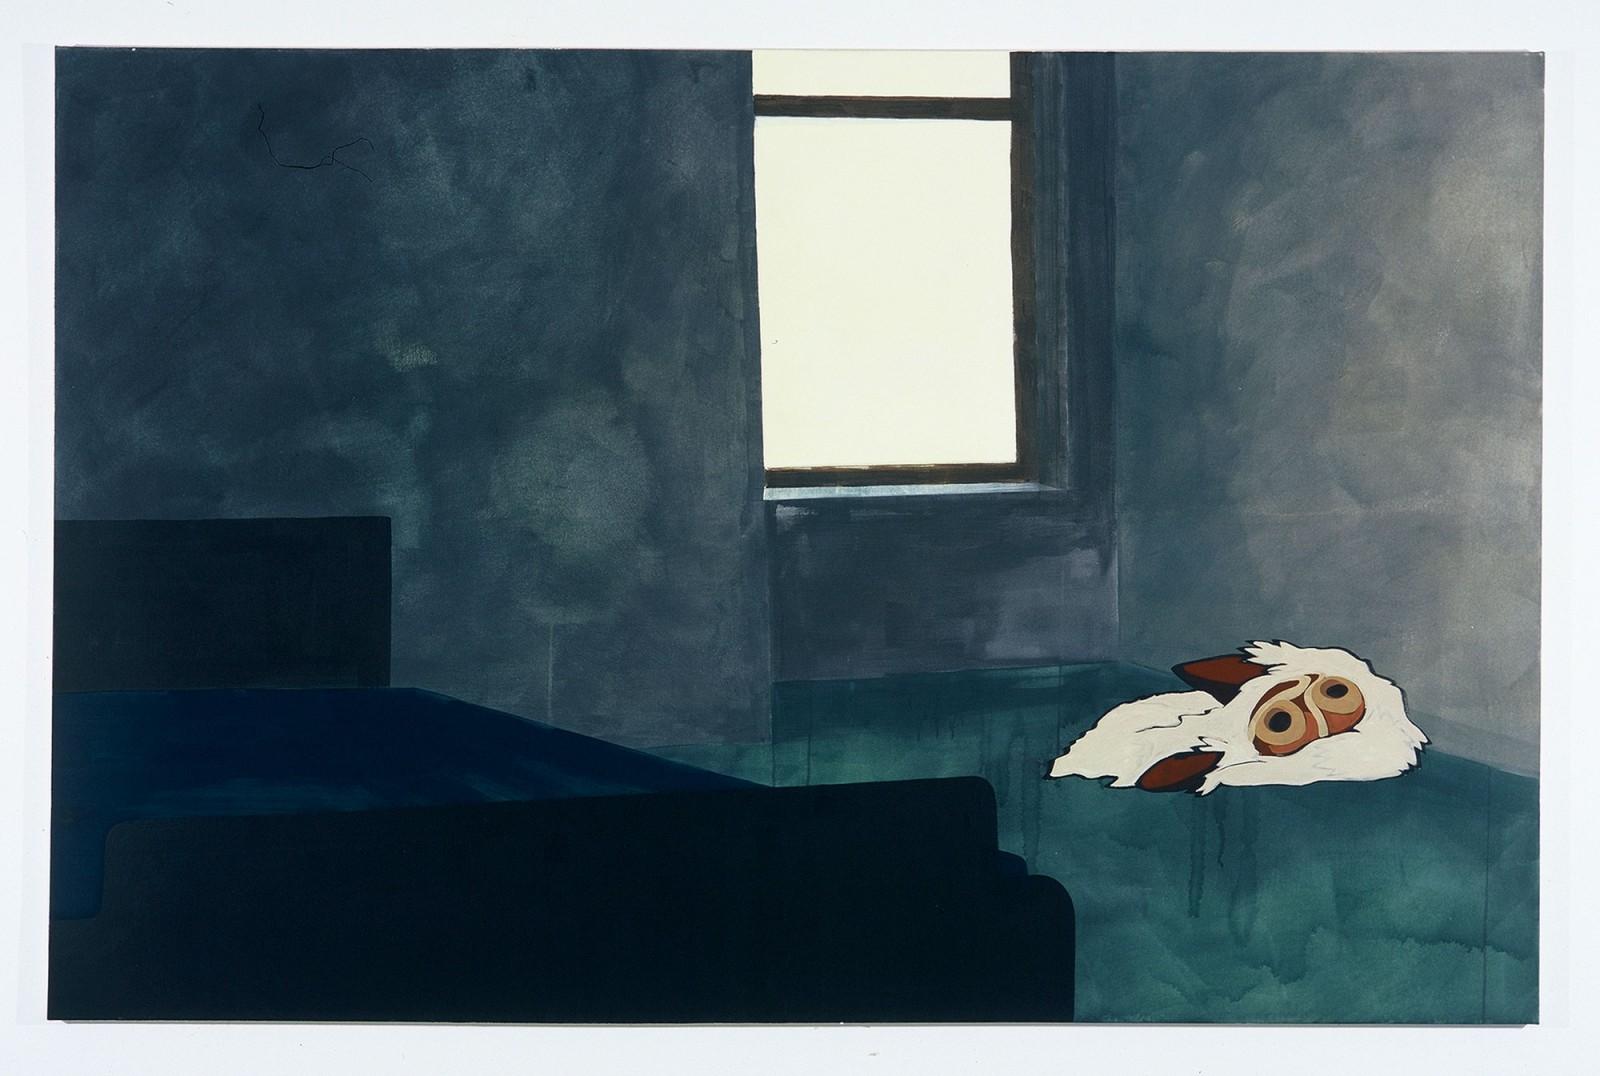 Kim Nekarda: prinzessin, 2003, vinyl color on cotton, 130 x 200 cm, bayerische staatsgemäldesammlung